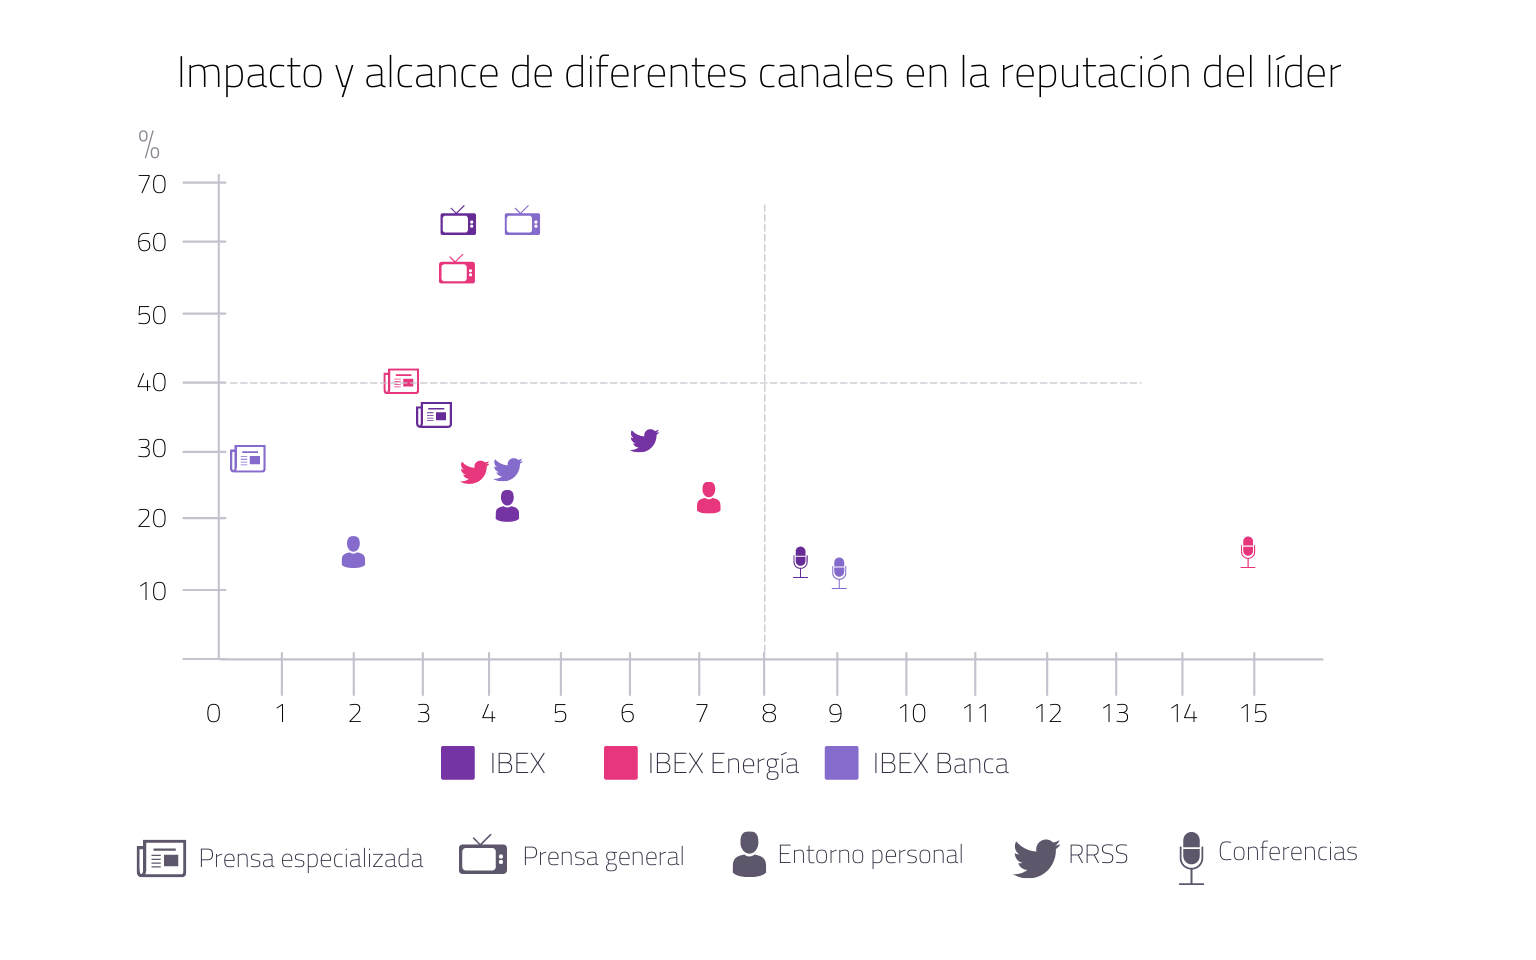 Impacto y alcance de diferentes canales en la reputación del líder (2)